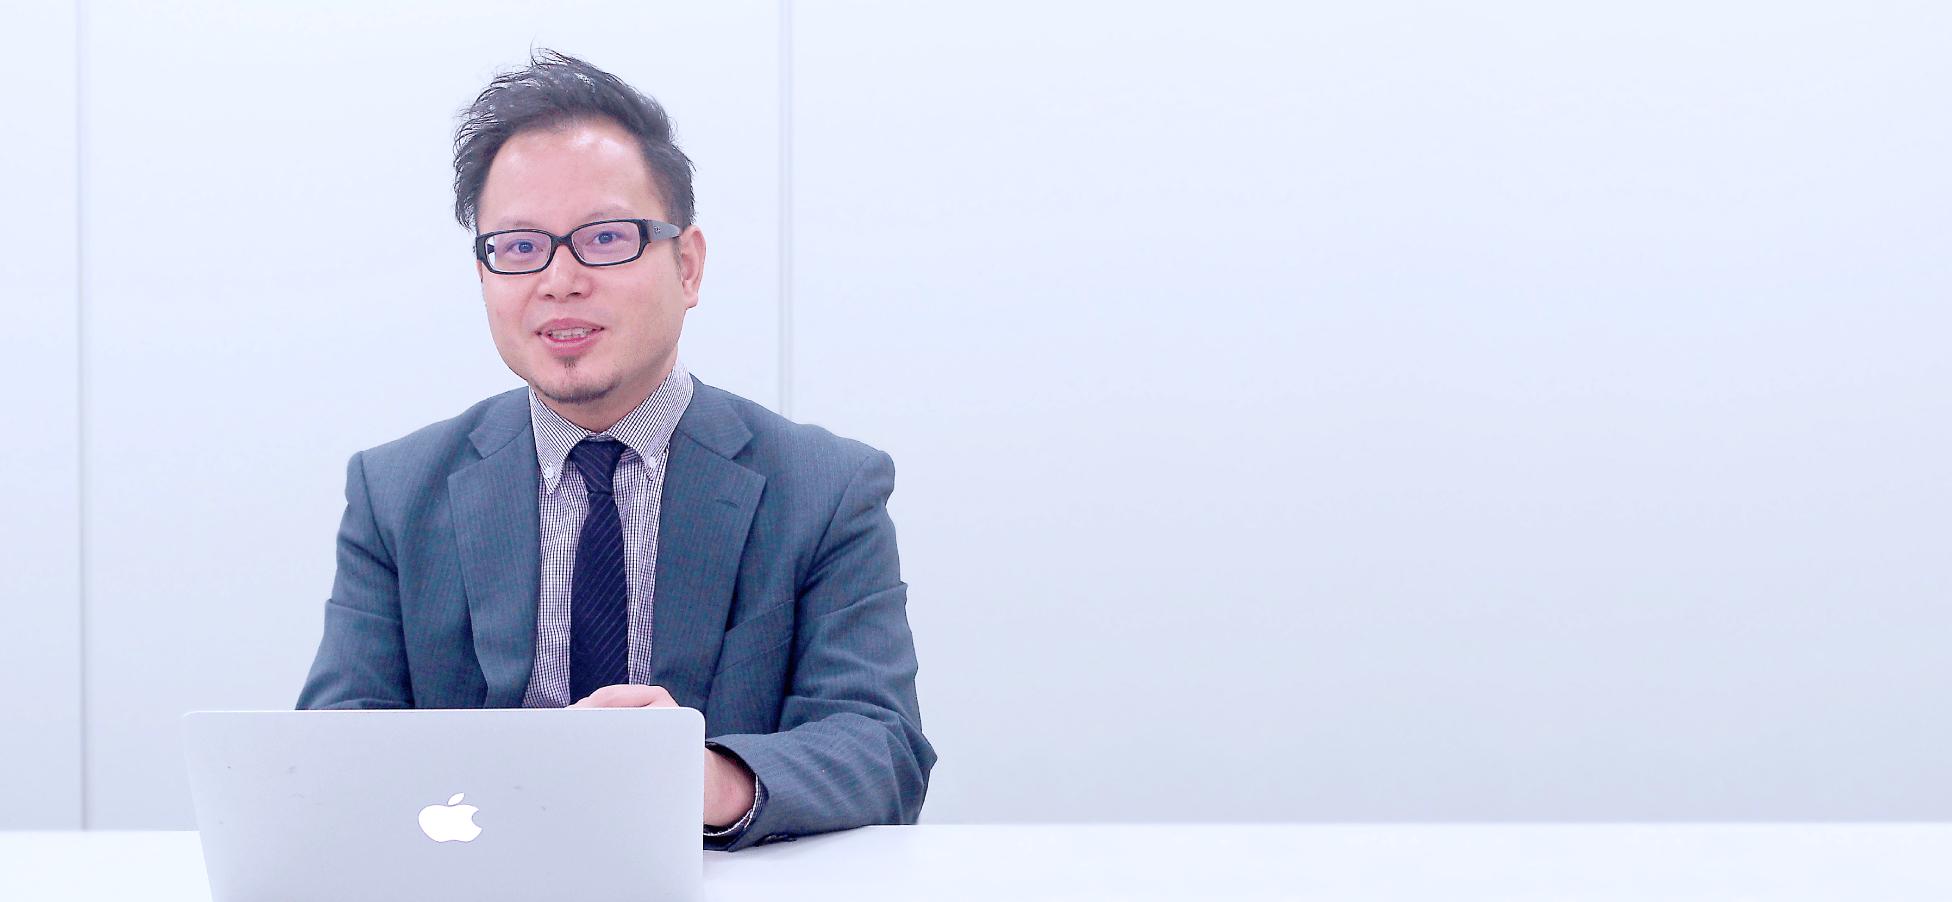 株式会社ネオシステム様 インタビュー